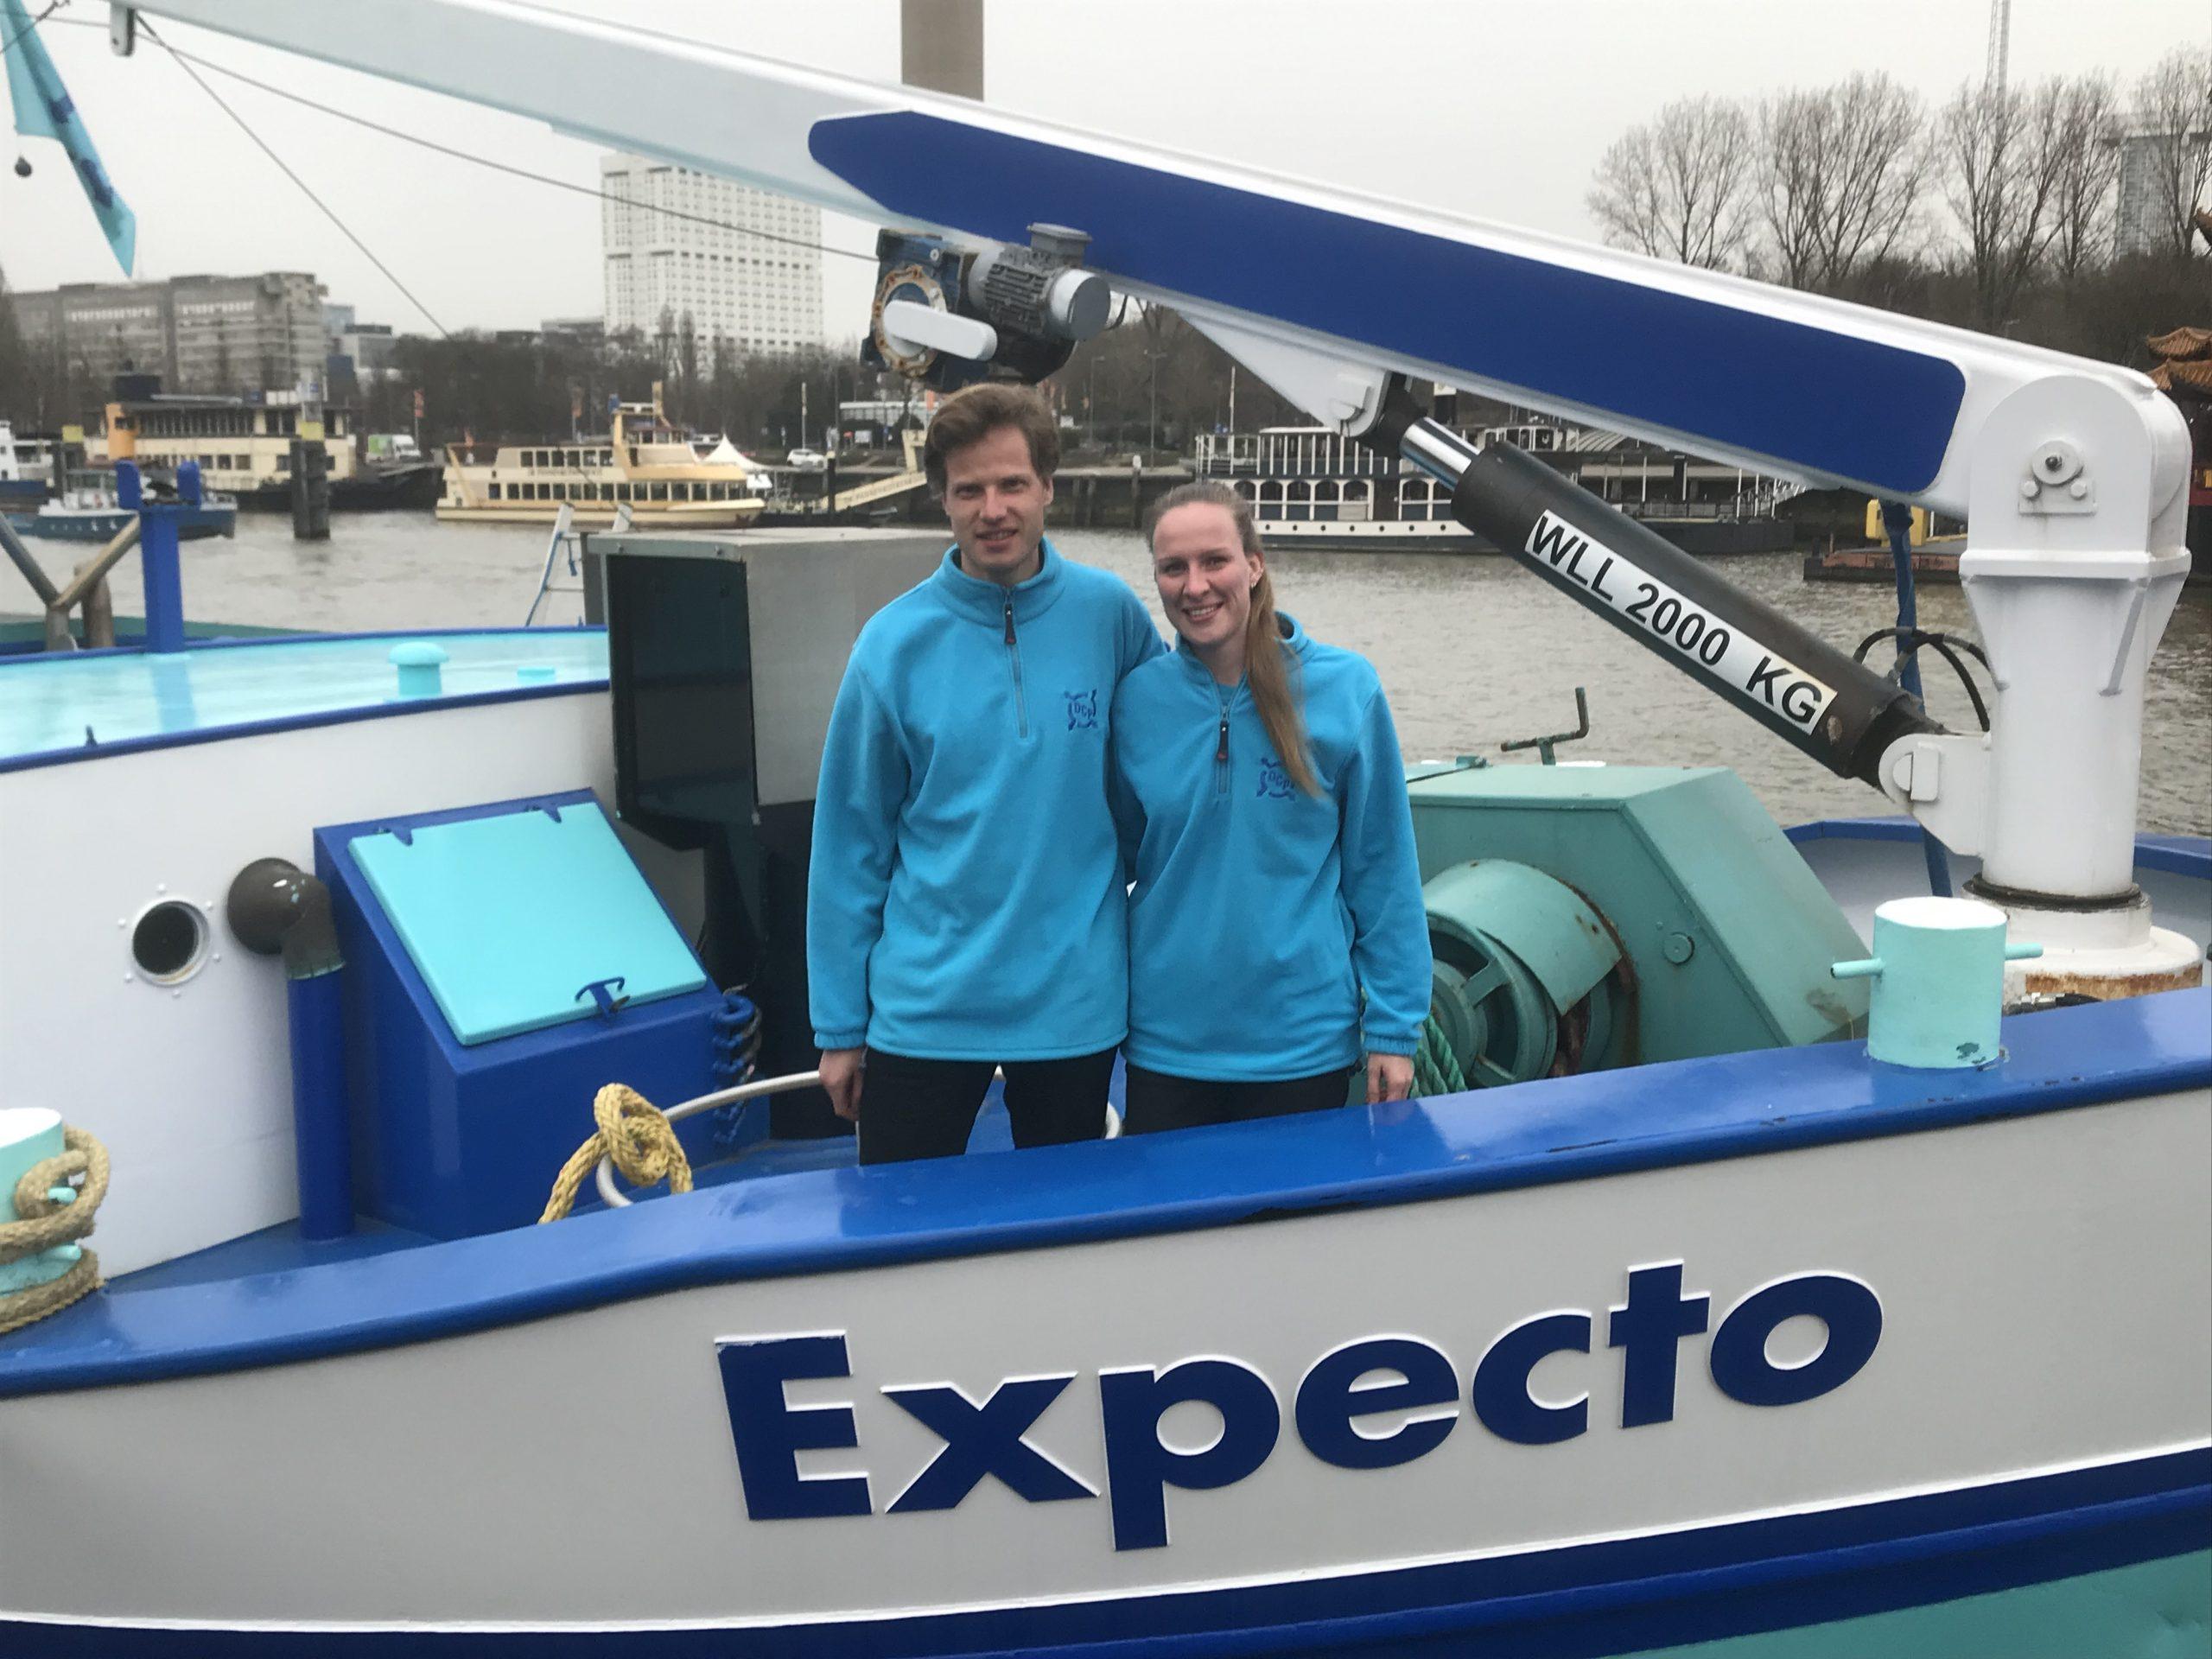 De ouders van zowel Pim Timmerman als Machalina Meinderts hadden een zeilboot en wisten zo de liefde voor het varen aan hun kinderen door te geven. Ze leerden elkaar kennen tijdens hun werk op de waterbus, maar varen sinds eind 2019 samen op de Expecto.